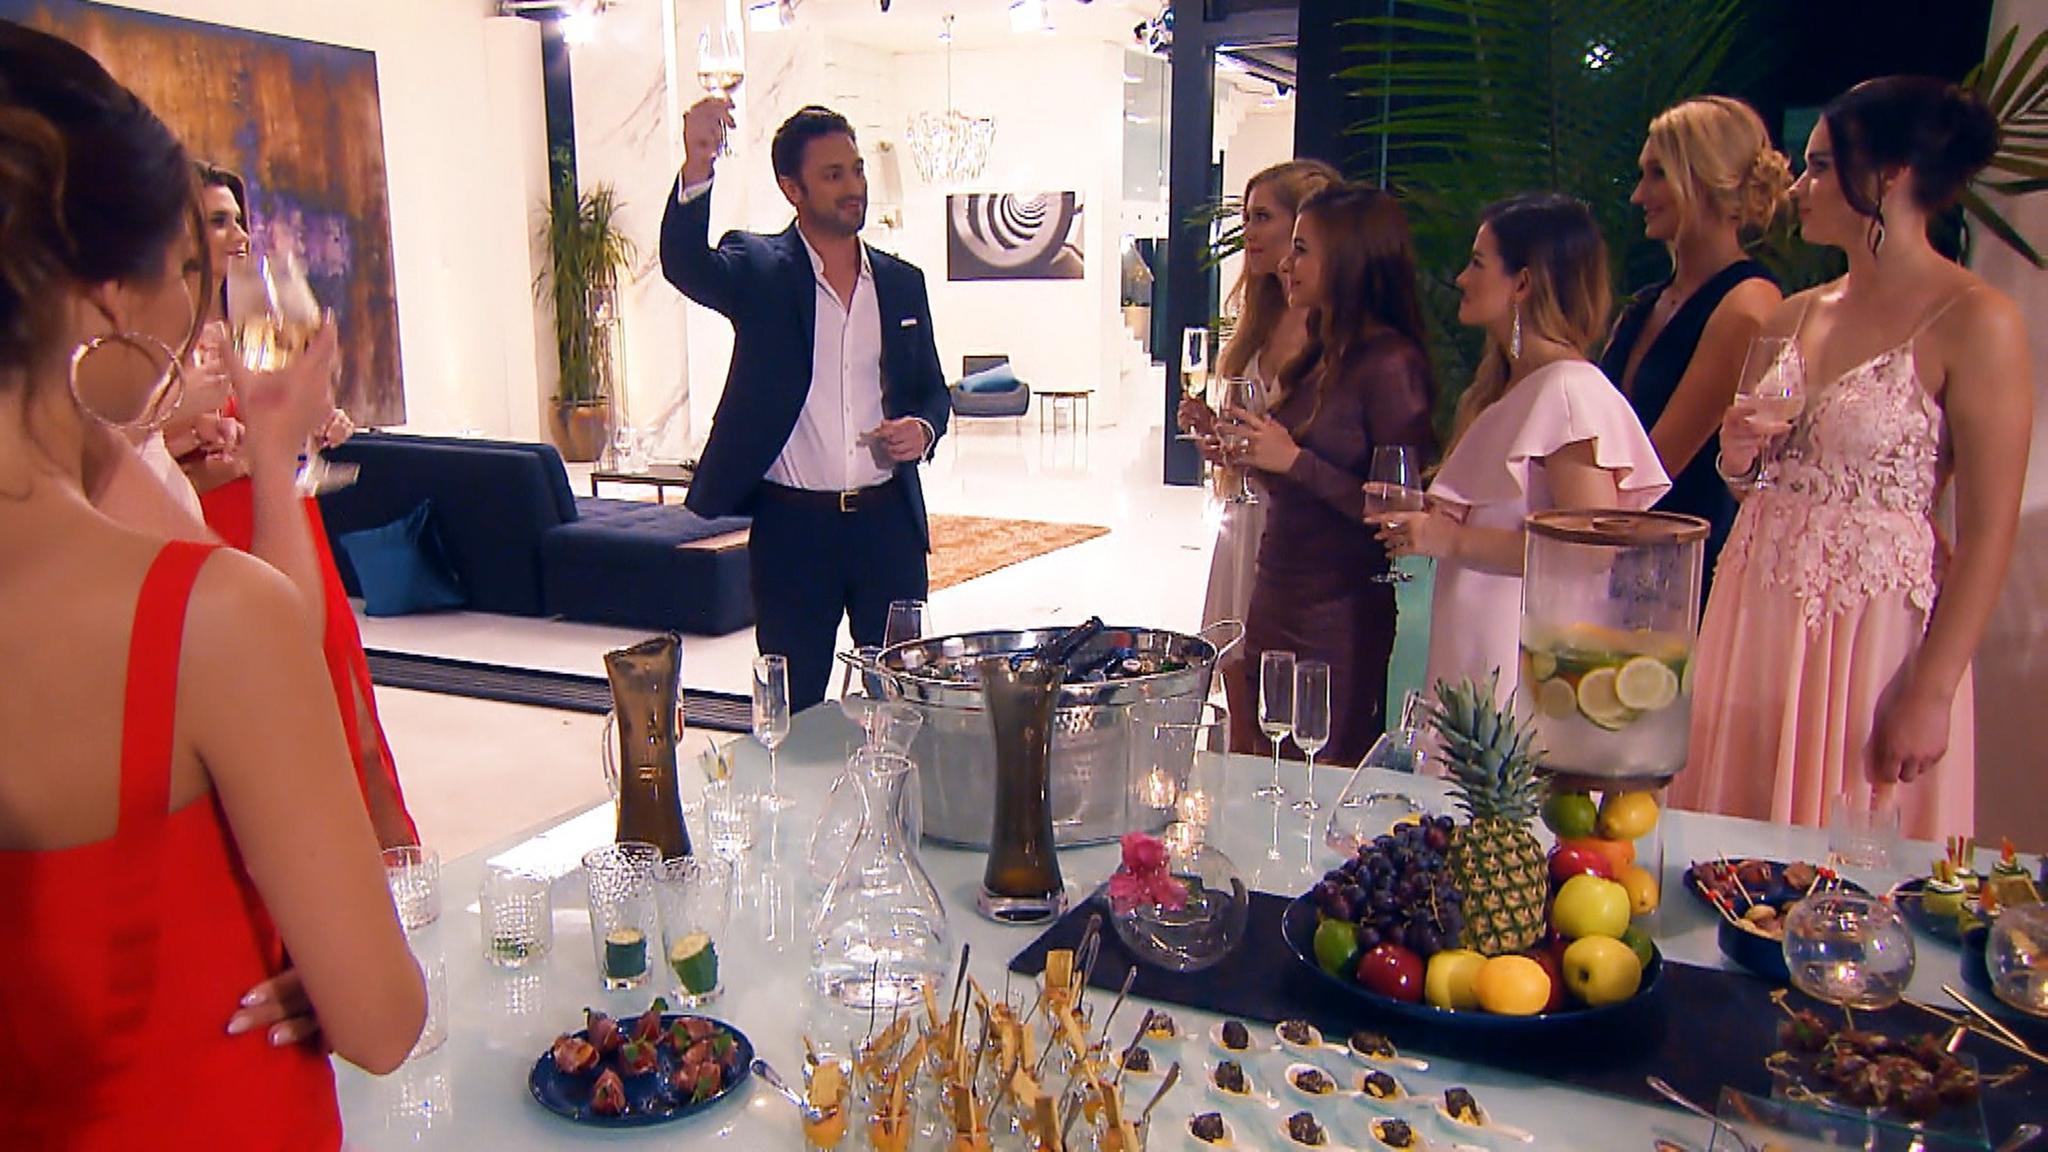 Daniel Völz begrüßt die Kandidatinnen in der Villa in Miami